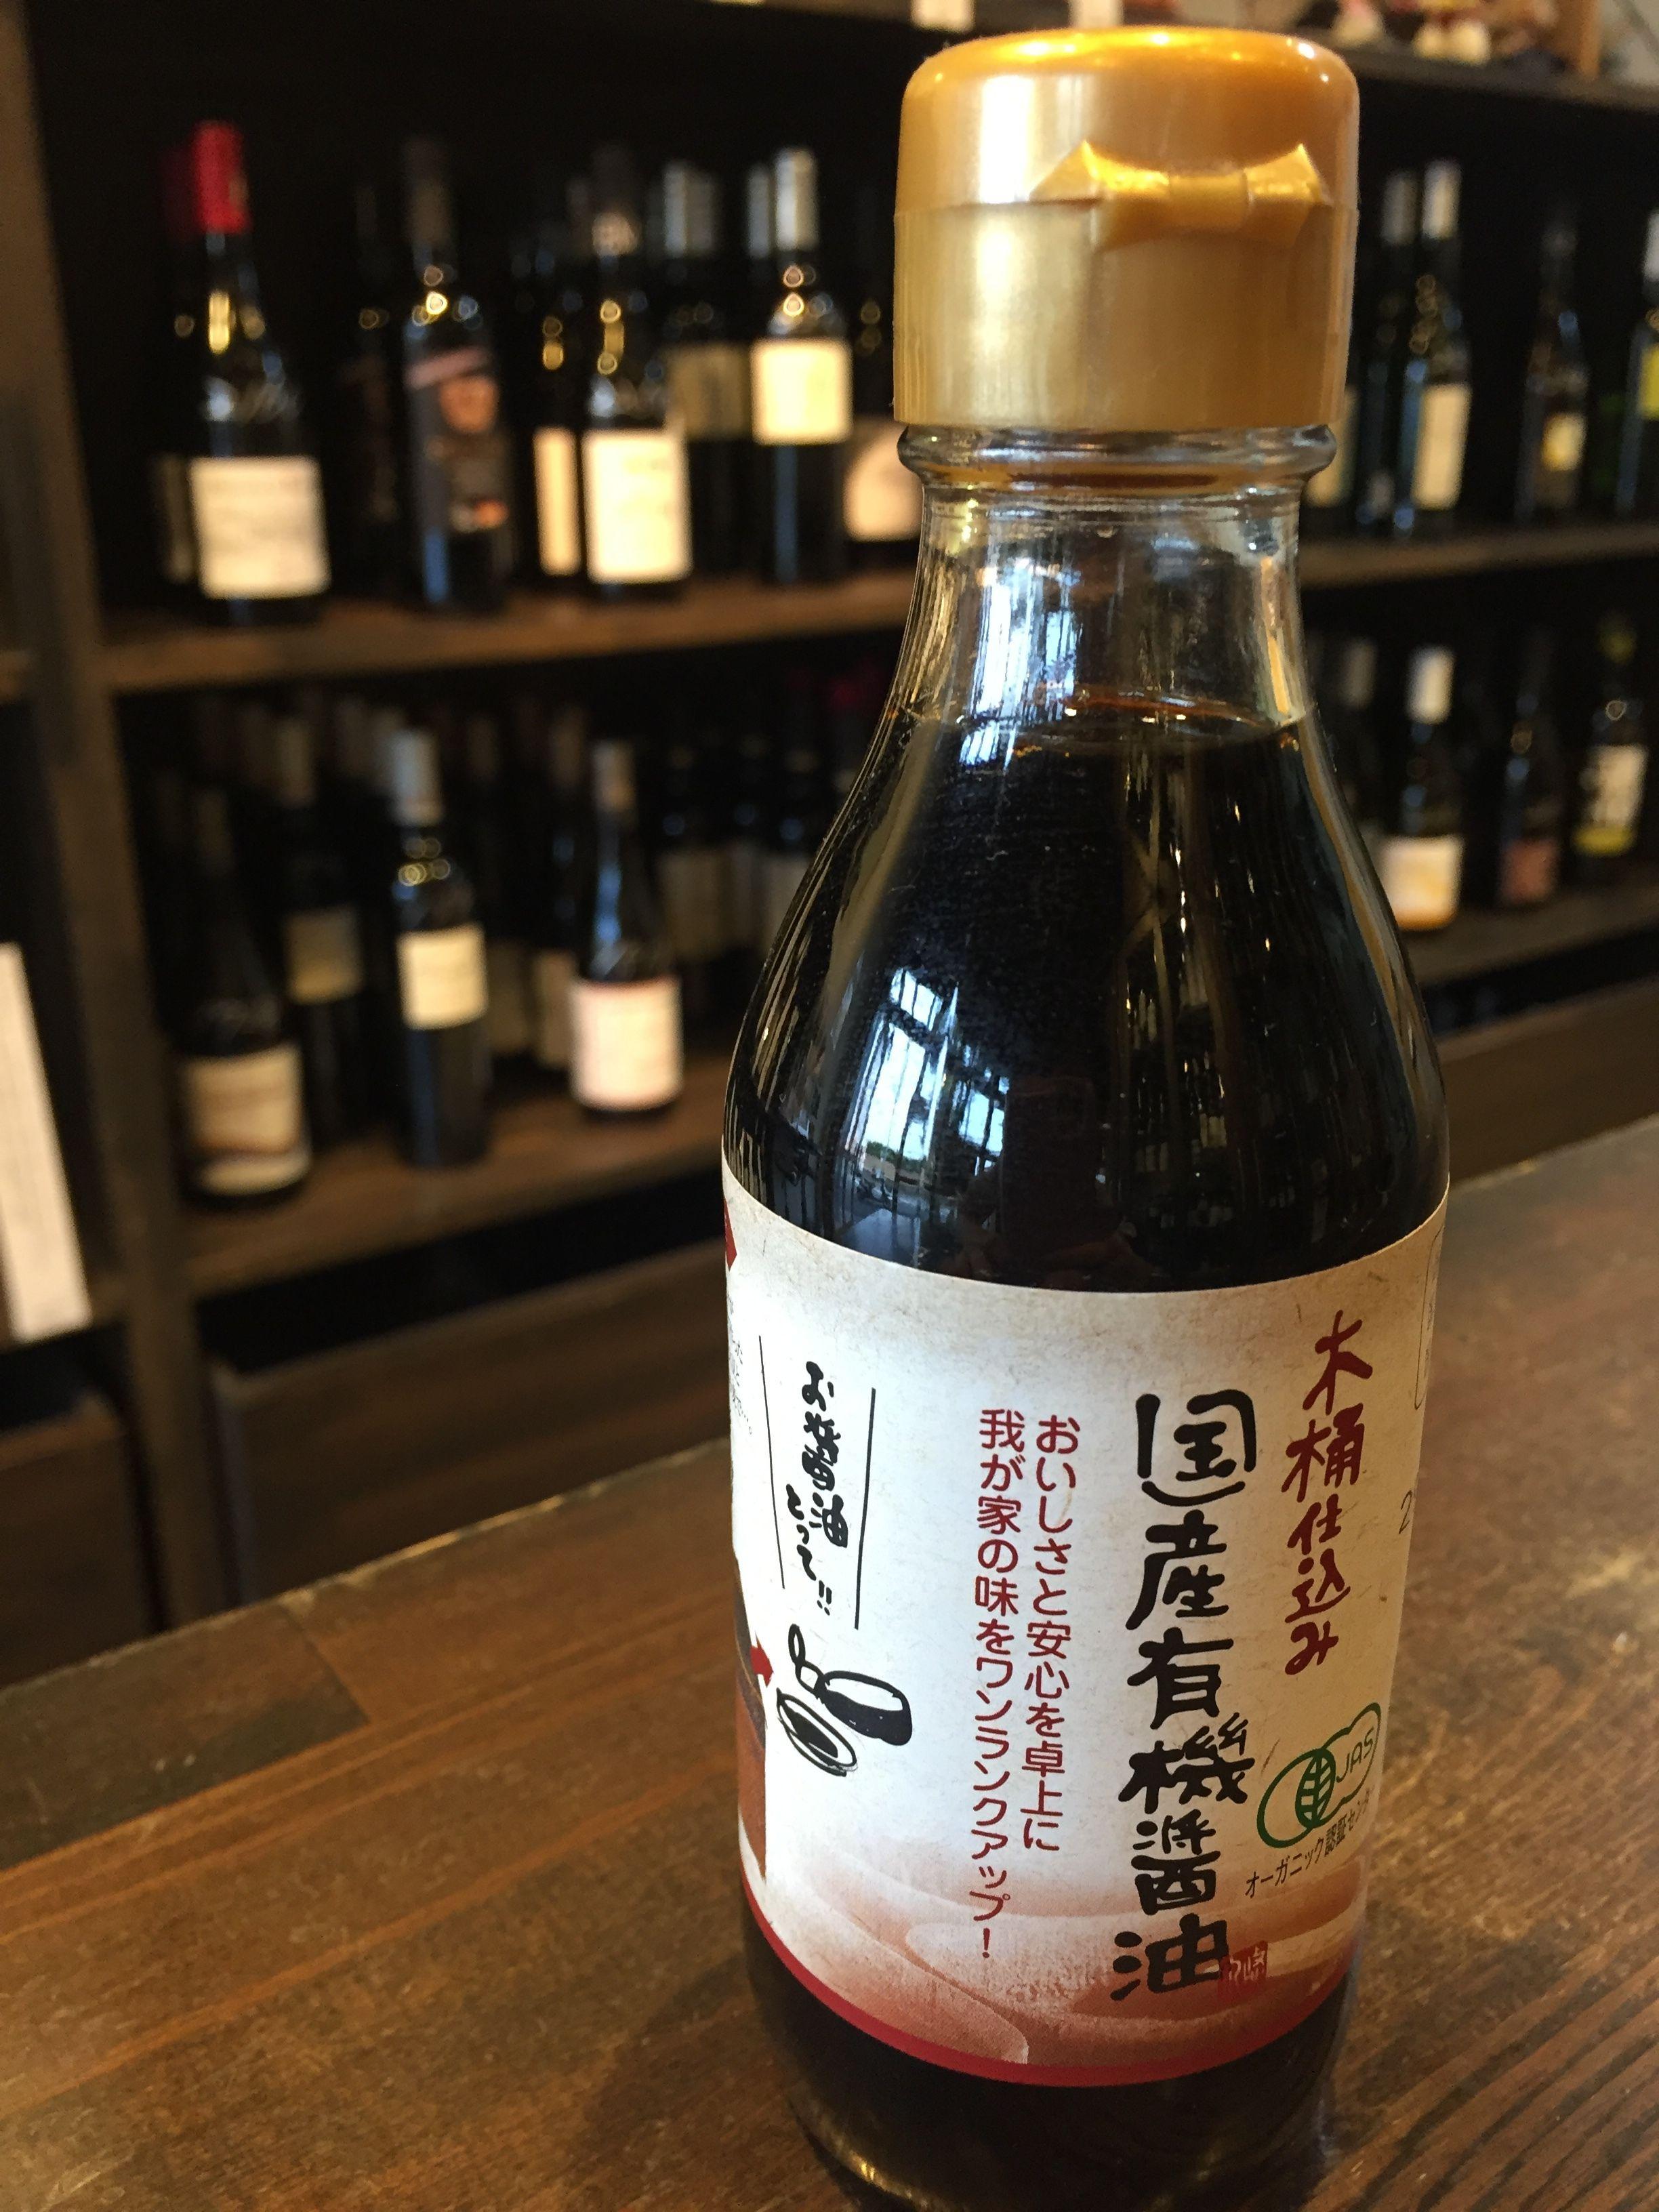 国産有機醤油(濃口)200ml / 足立醸造株式会社